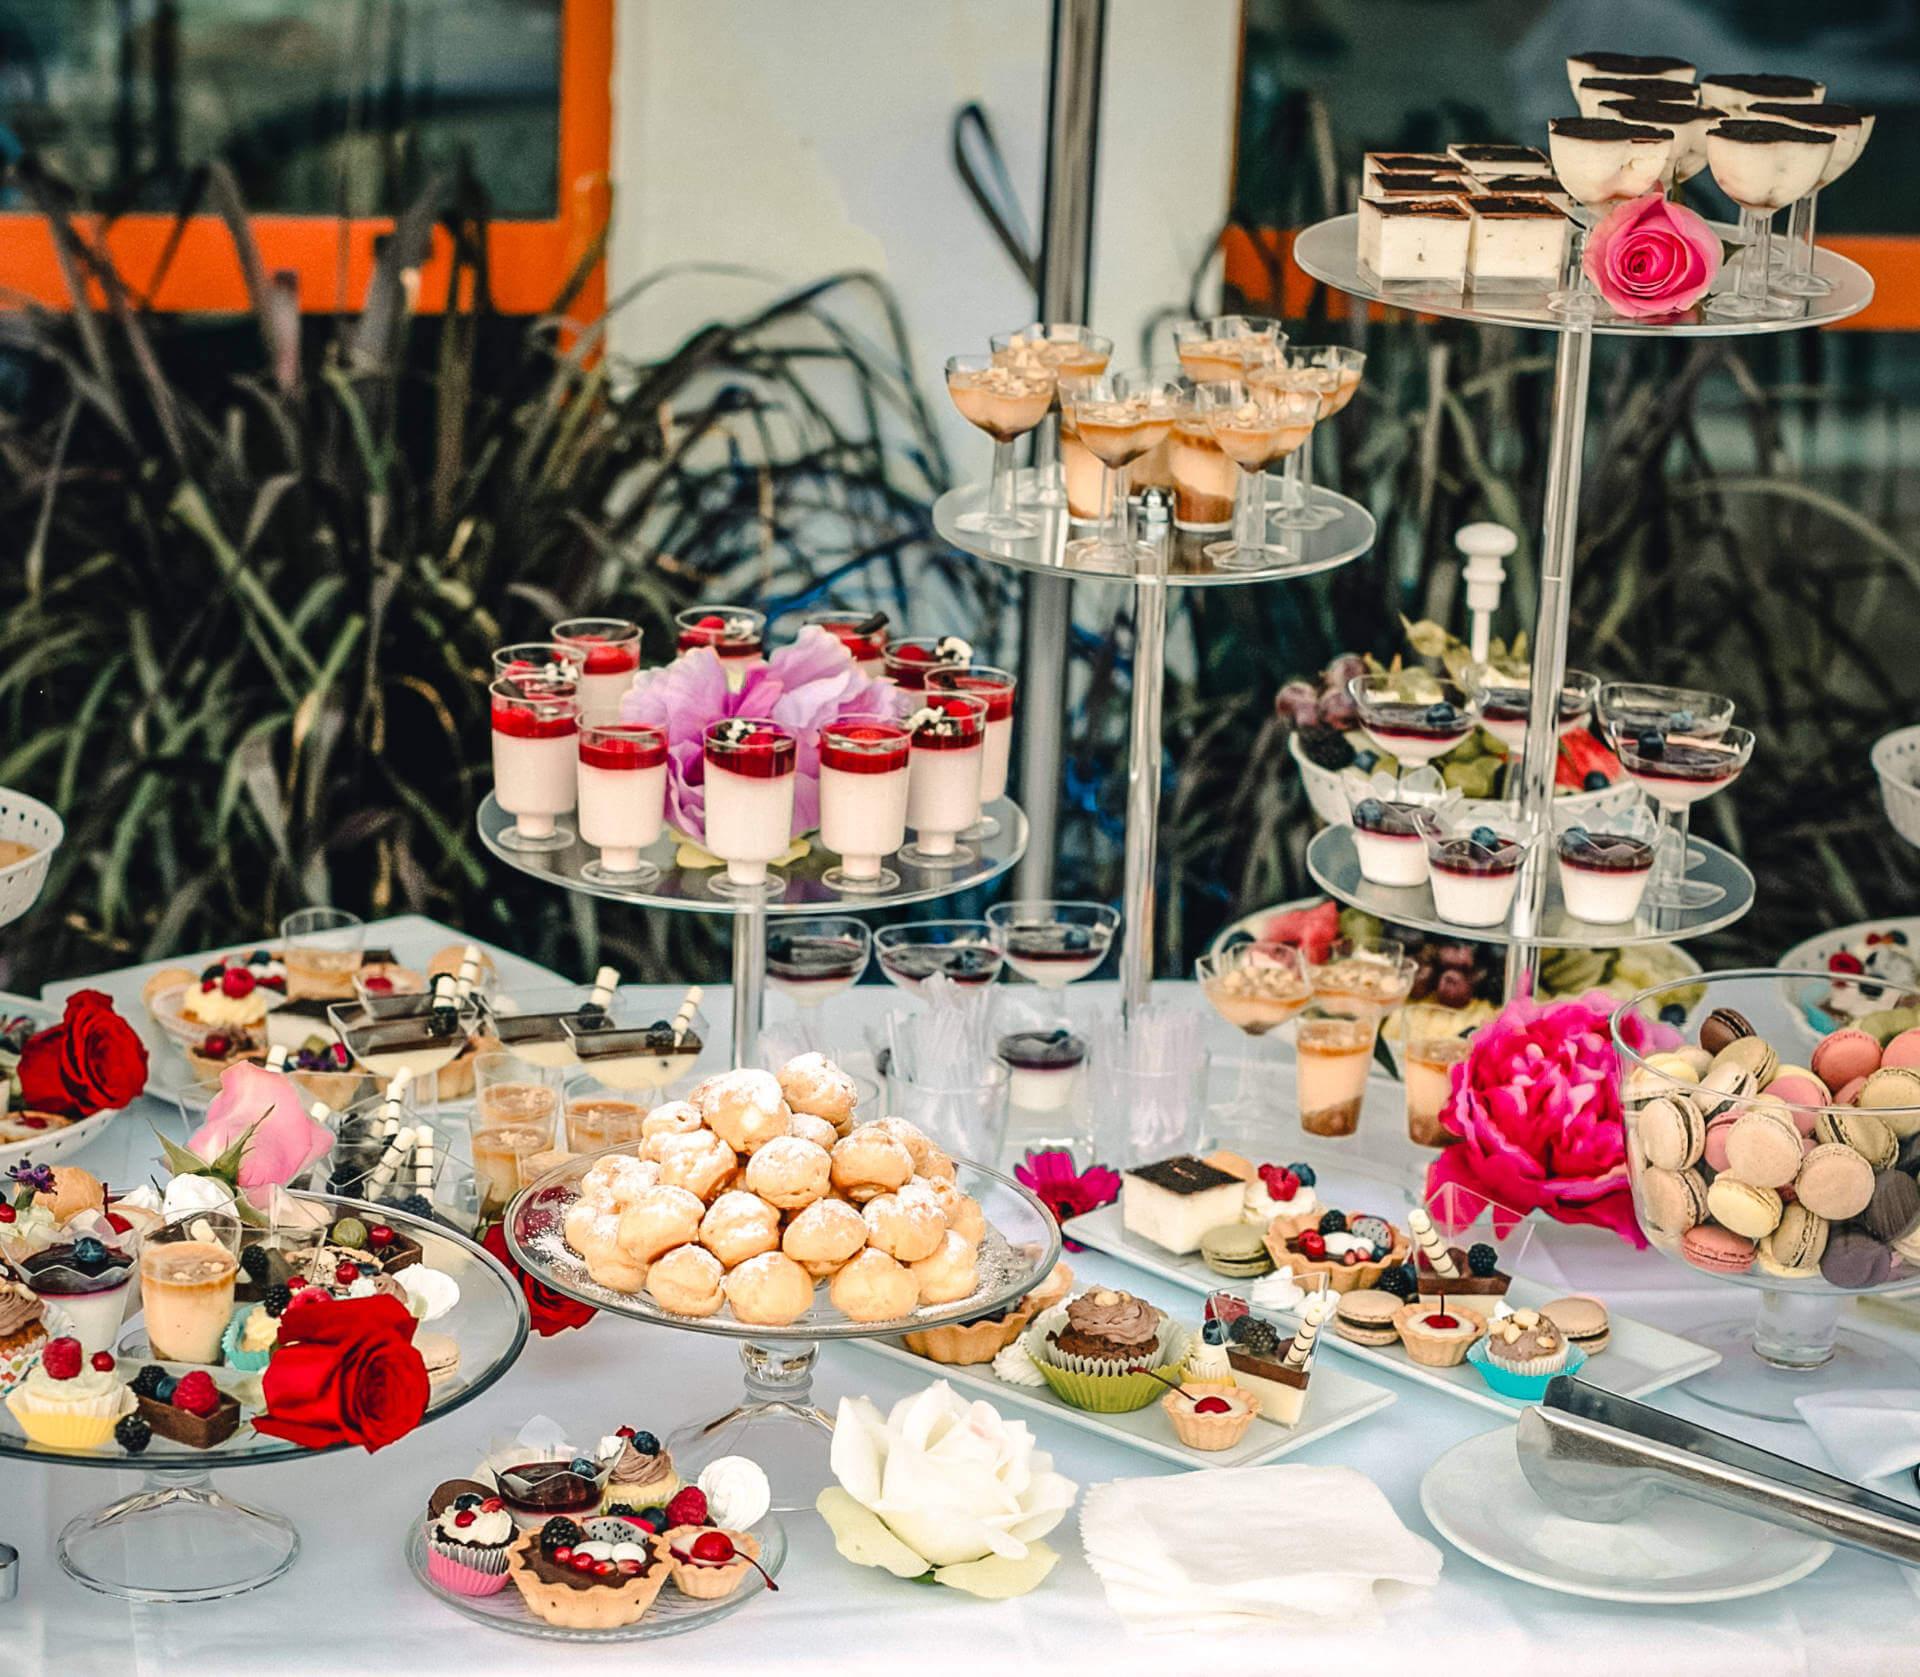 Hotelová reštaurácia Kaskady - sladkosti